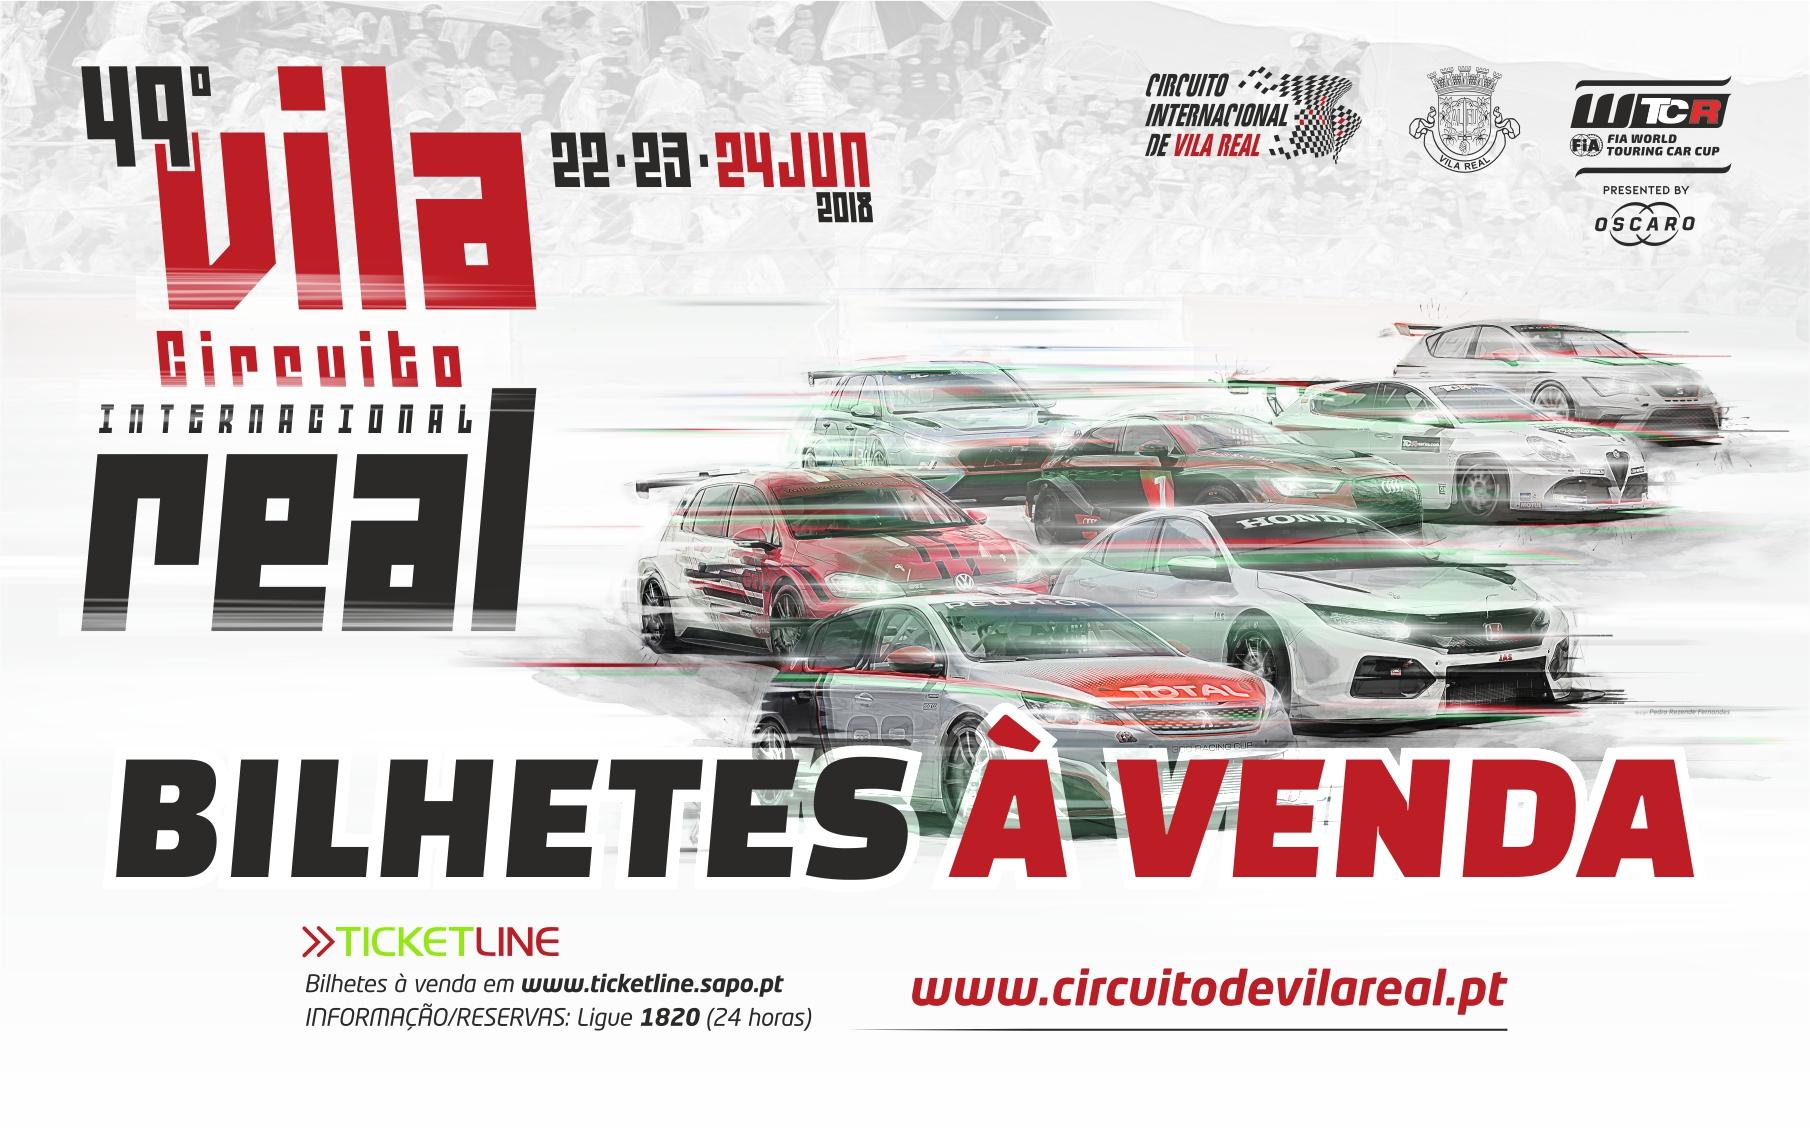 Circuito Vila Real : Estão disponíveis os bilhetes para o º circuito internacional de